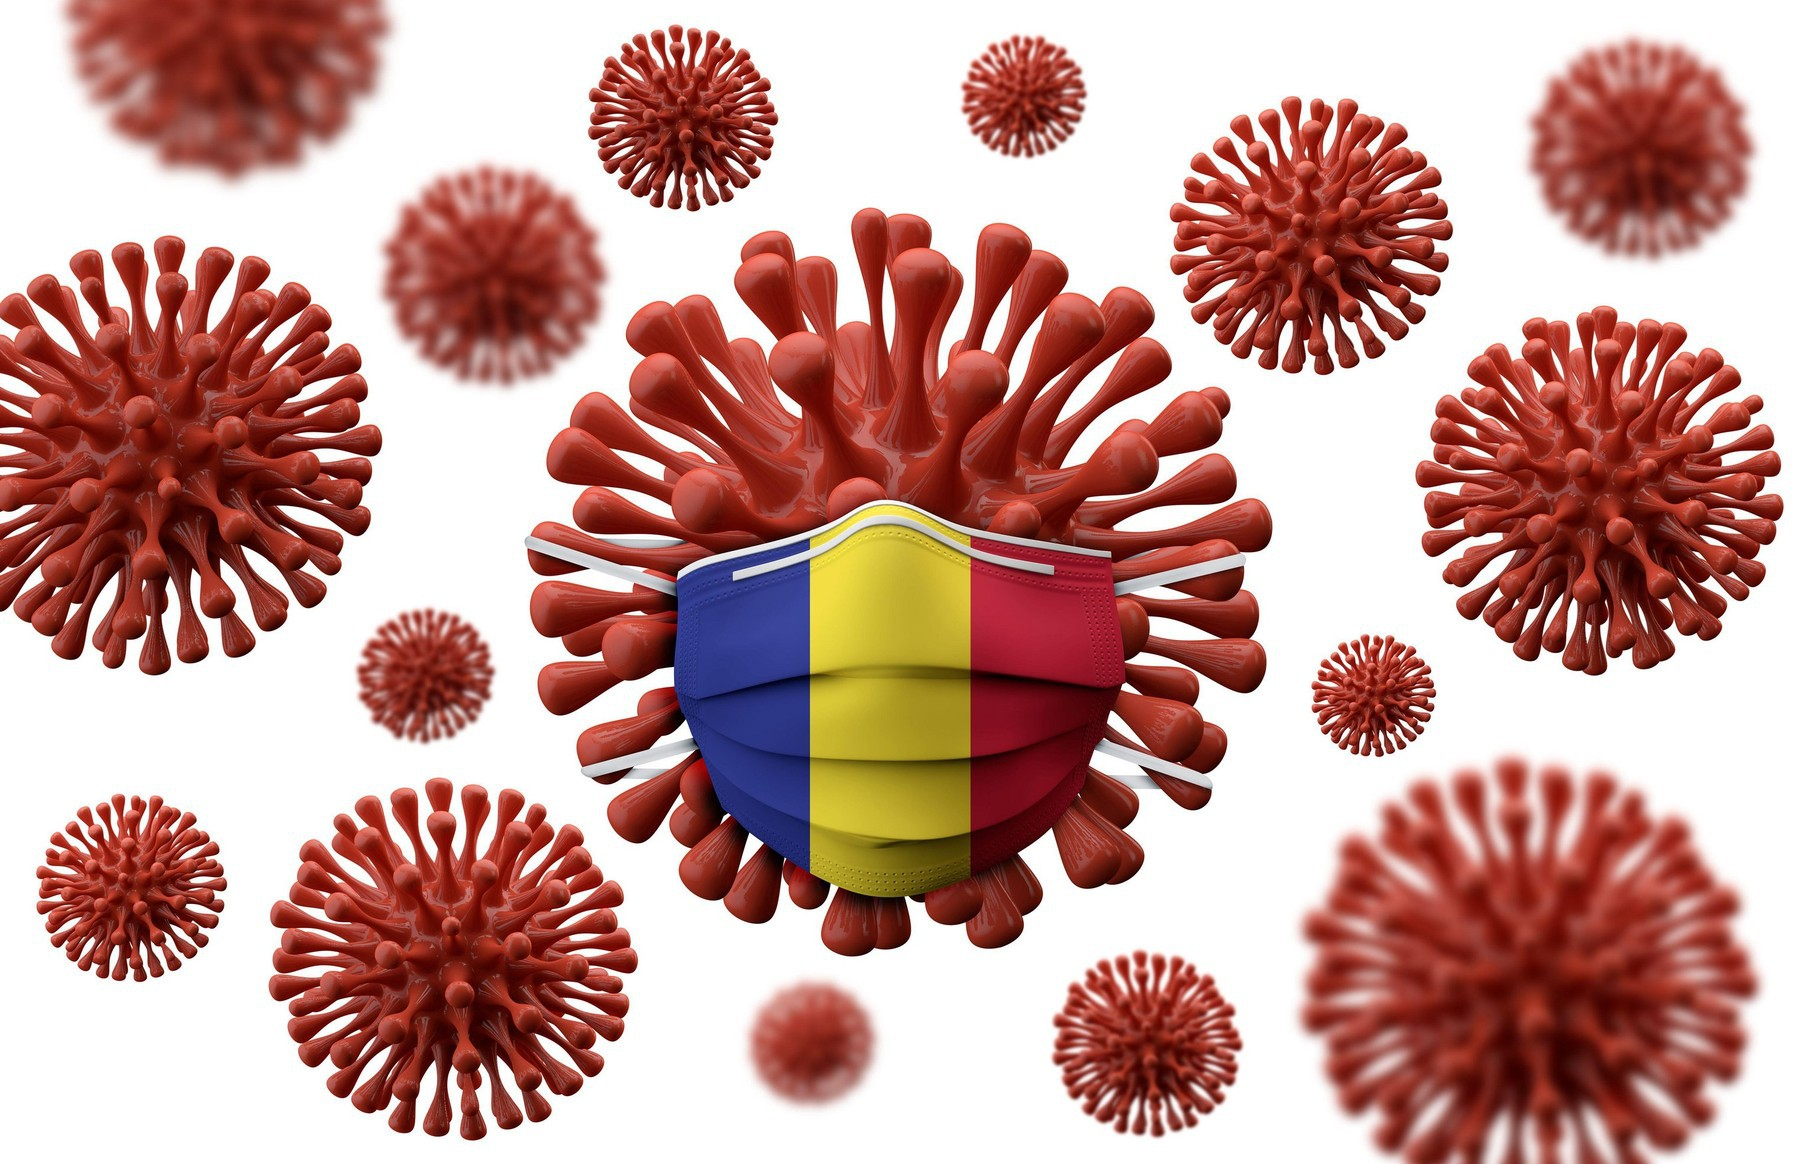 Uşoară creştere a ratei de infectare cu SARS-CoV-2 în Capitală. La cat a ajuns incidenţa